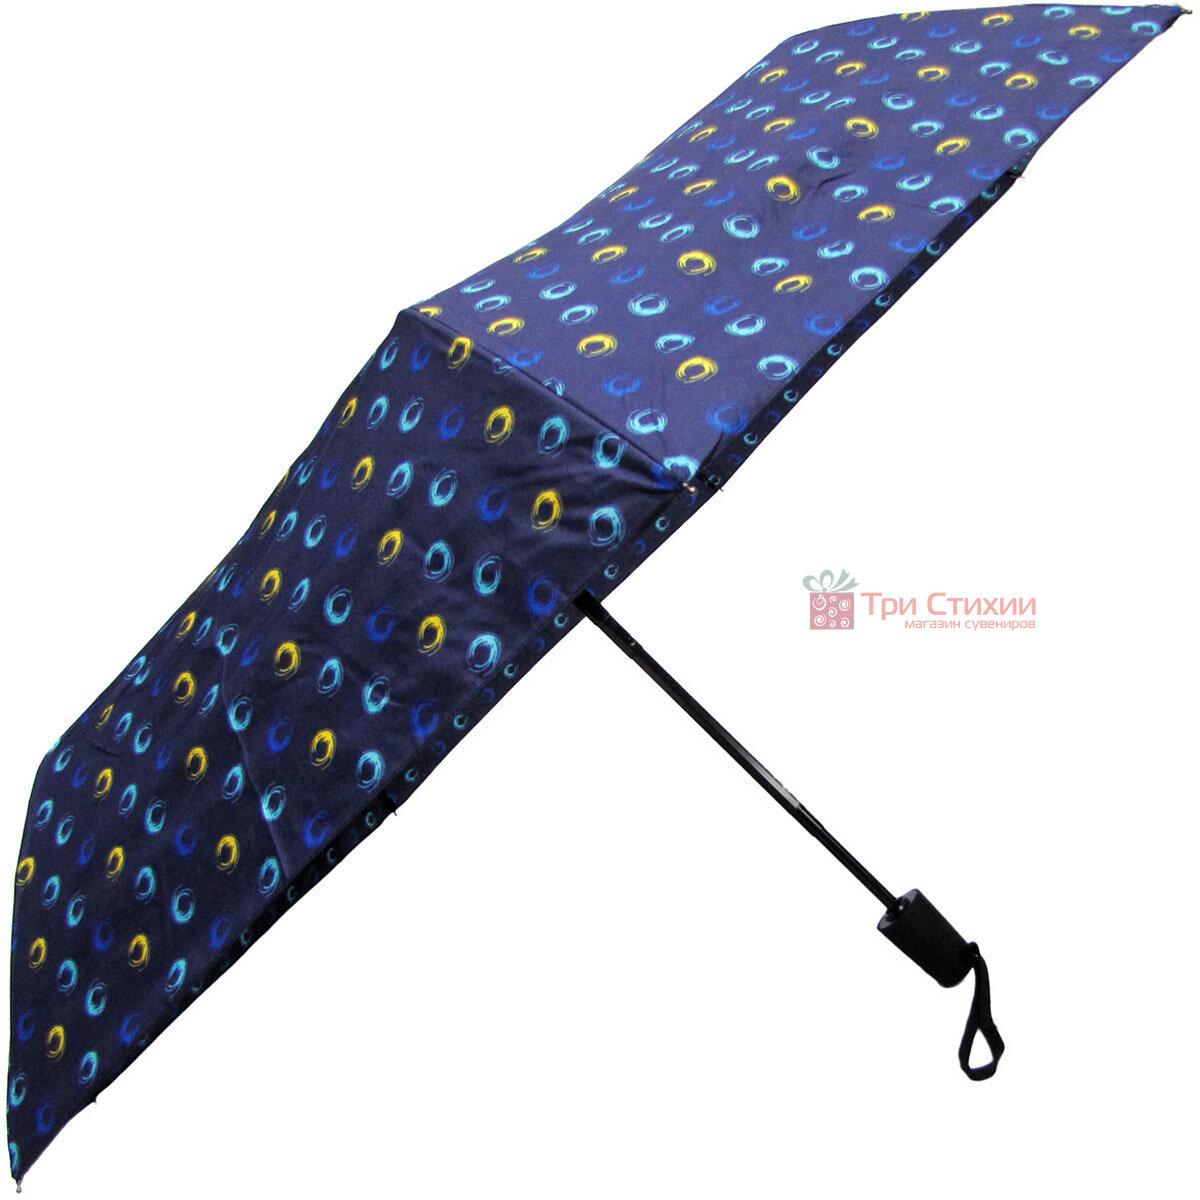 Зонт складной Derby 744165PHL-1 полный автомат Синий круги, Цвет: Синий, фото 3